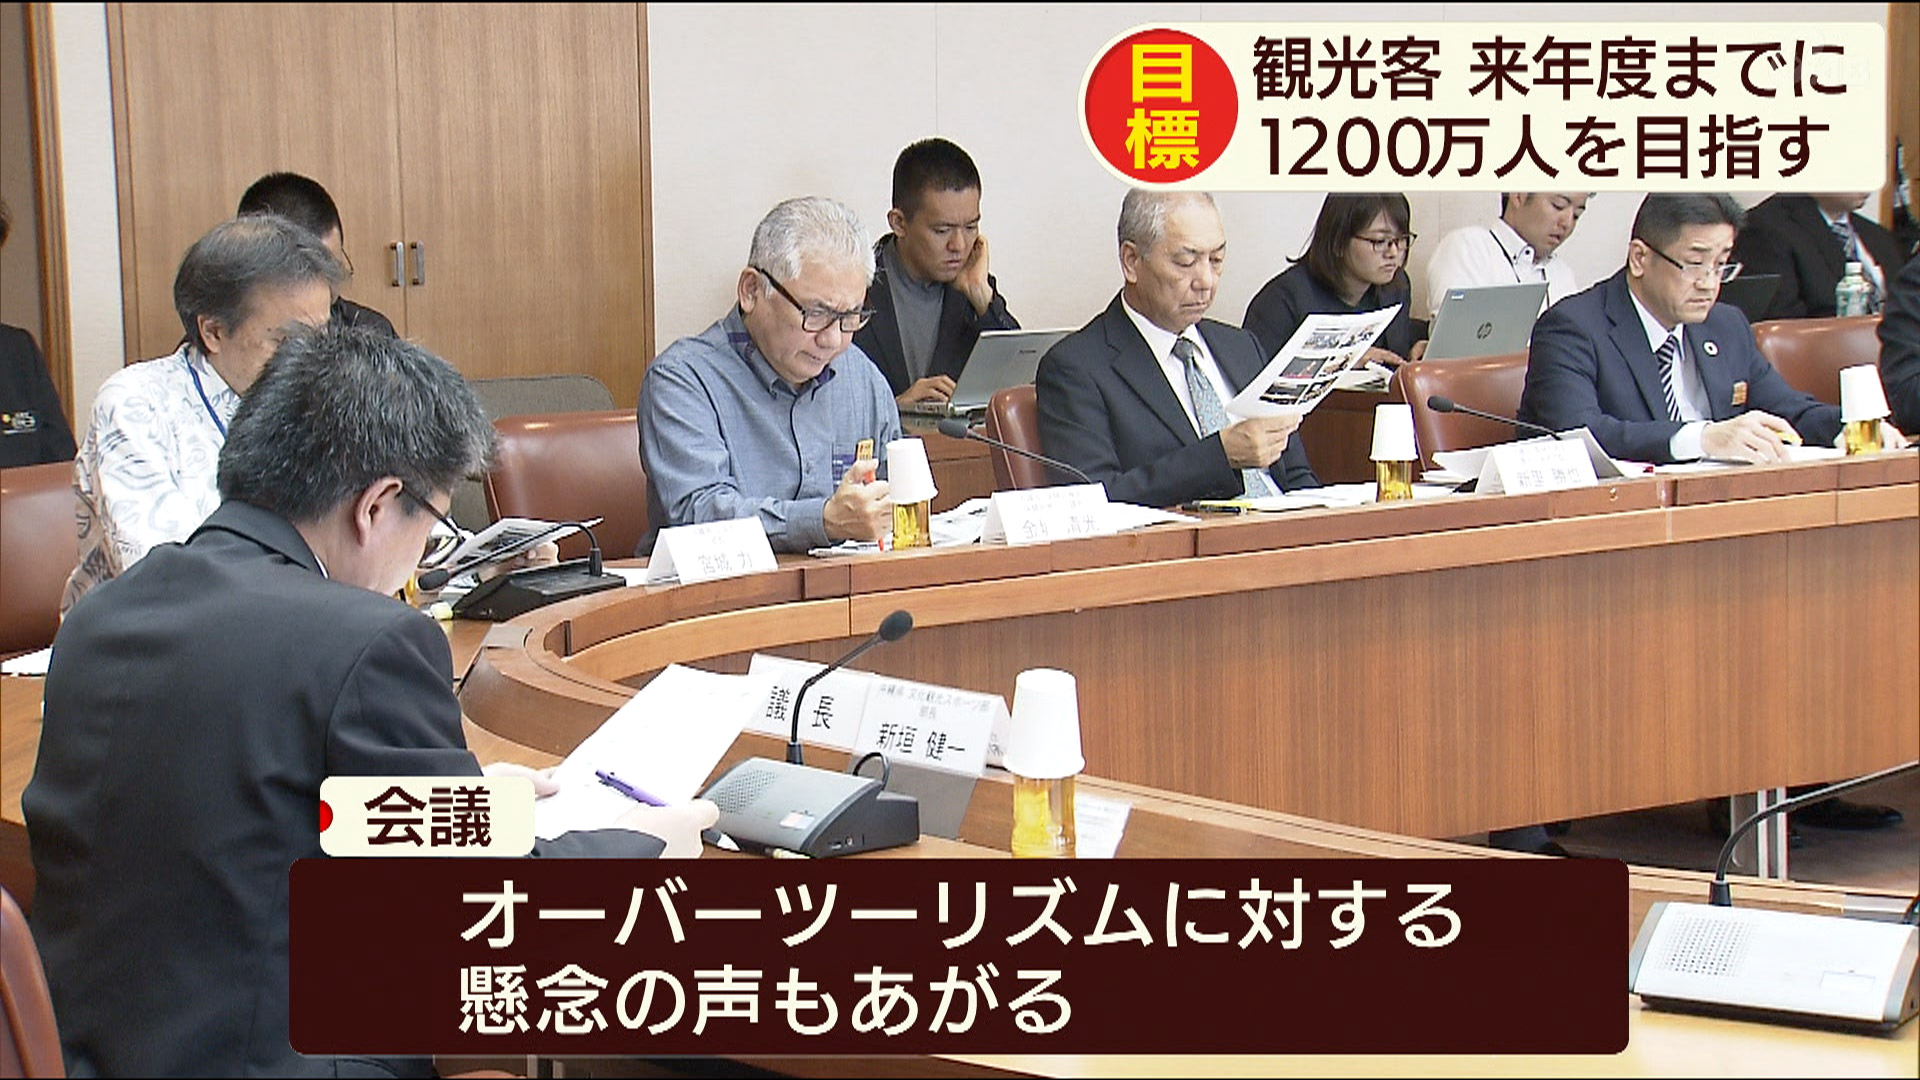 沖縄観光実行戦略会議